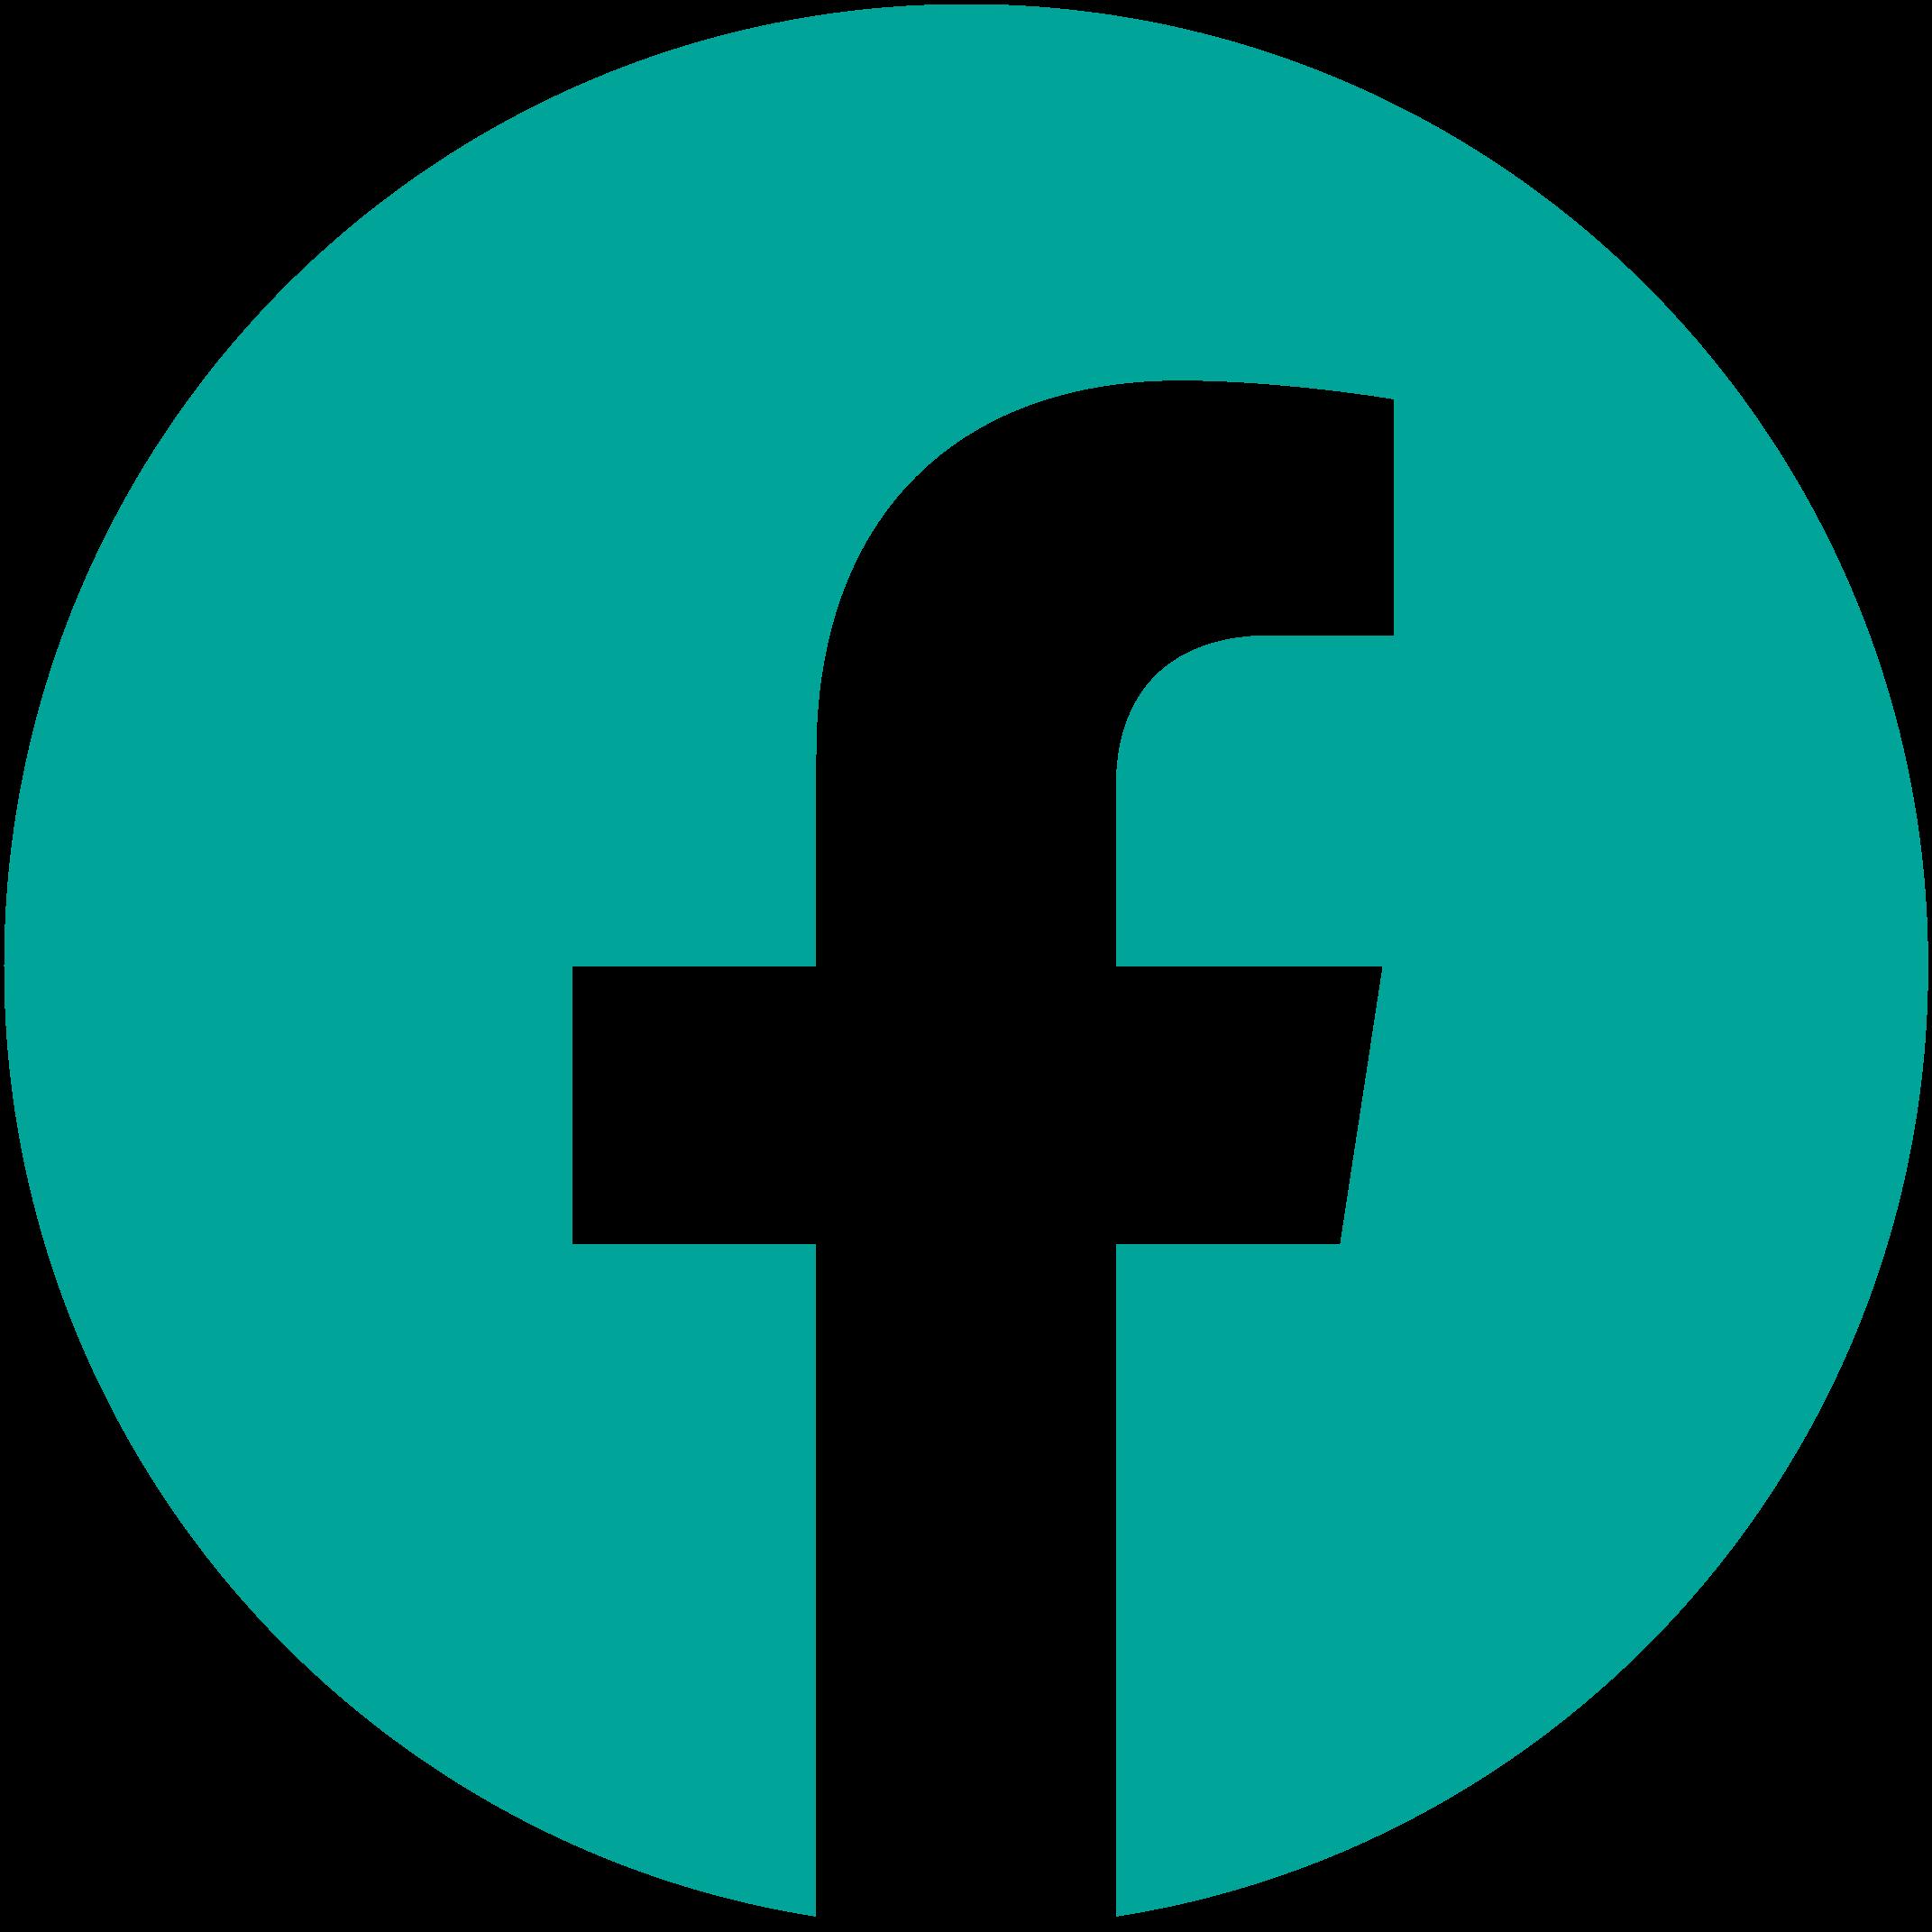 Facebook logo green